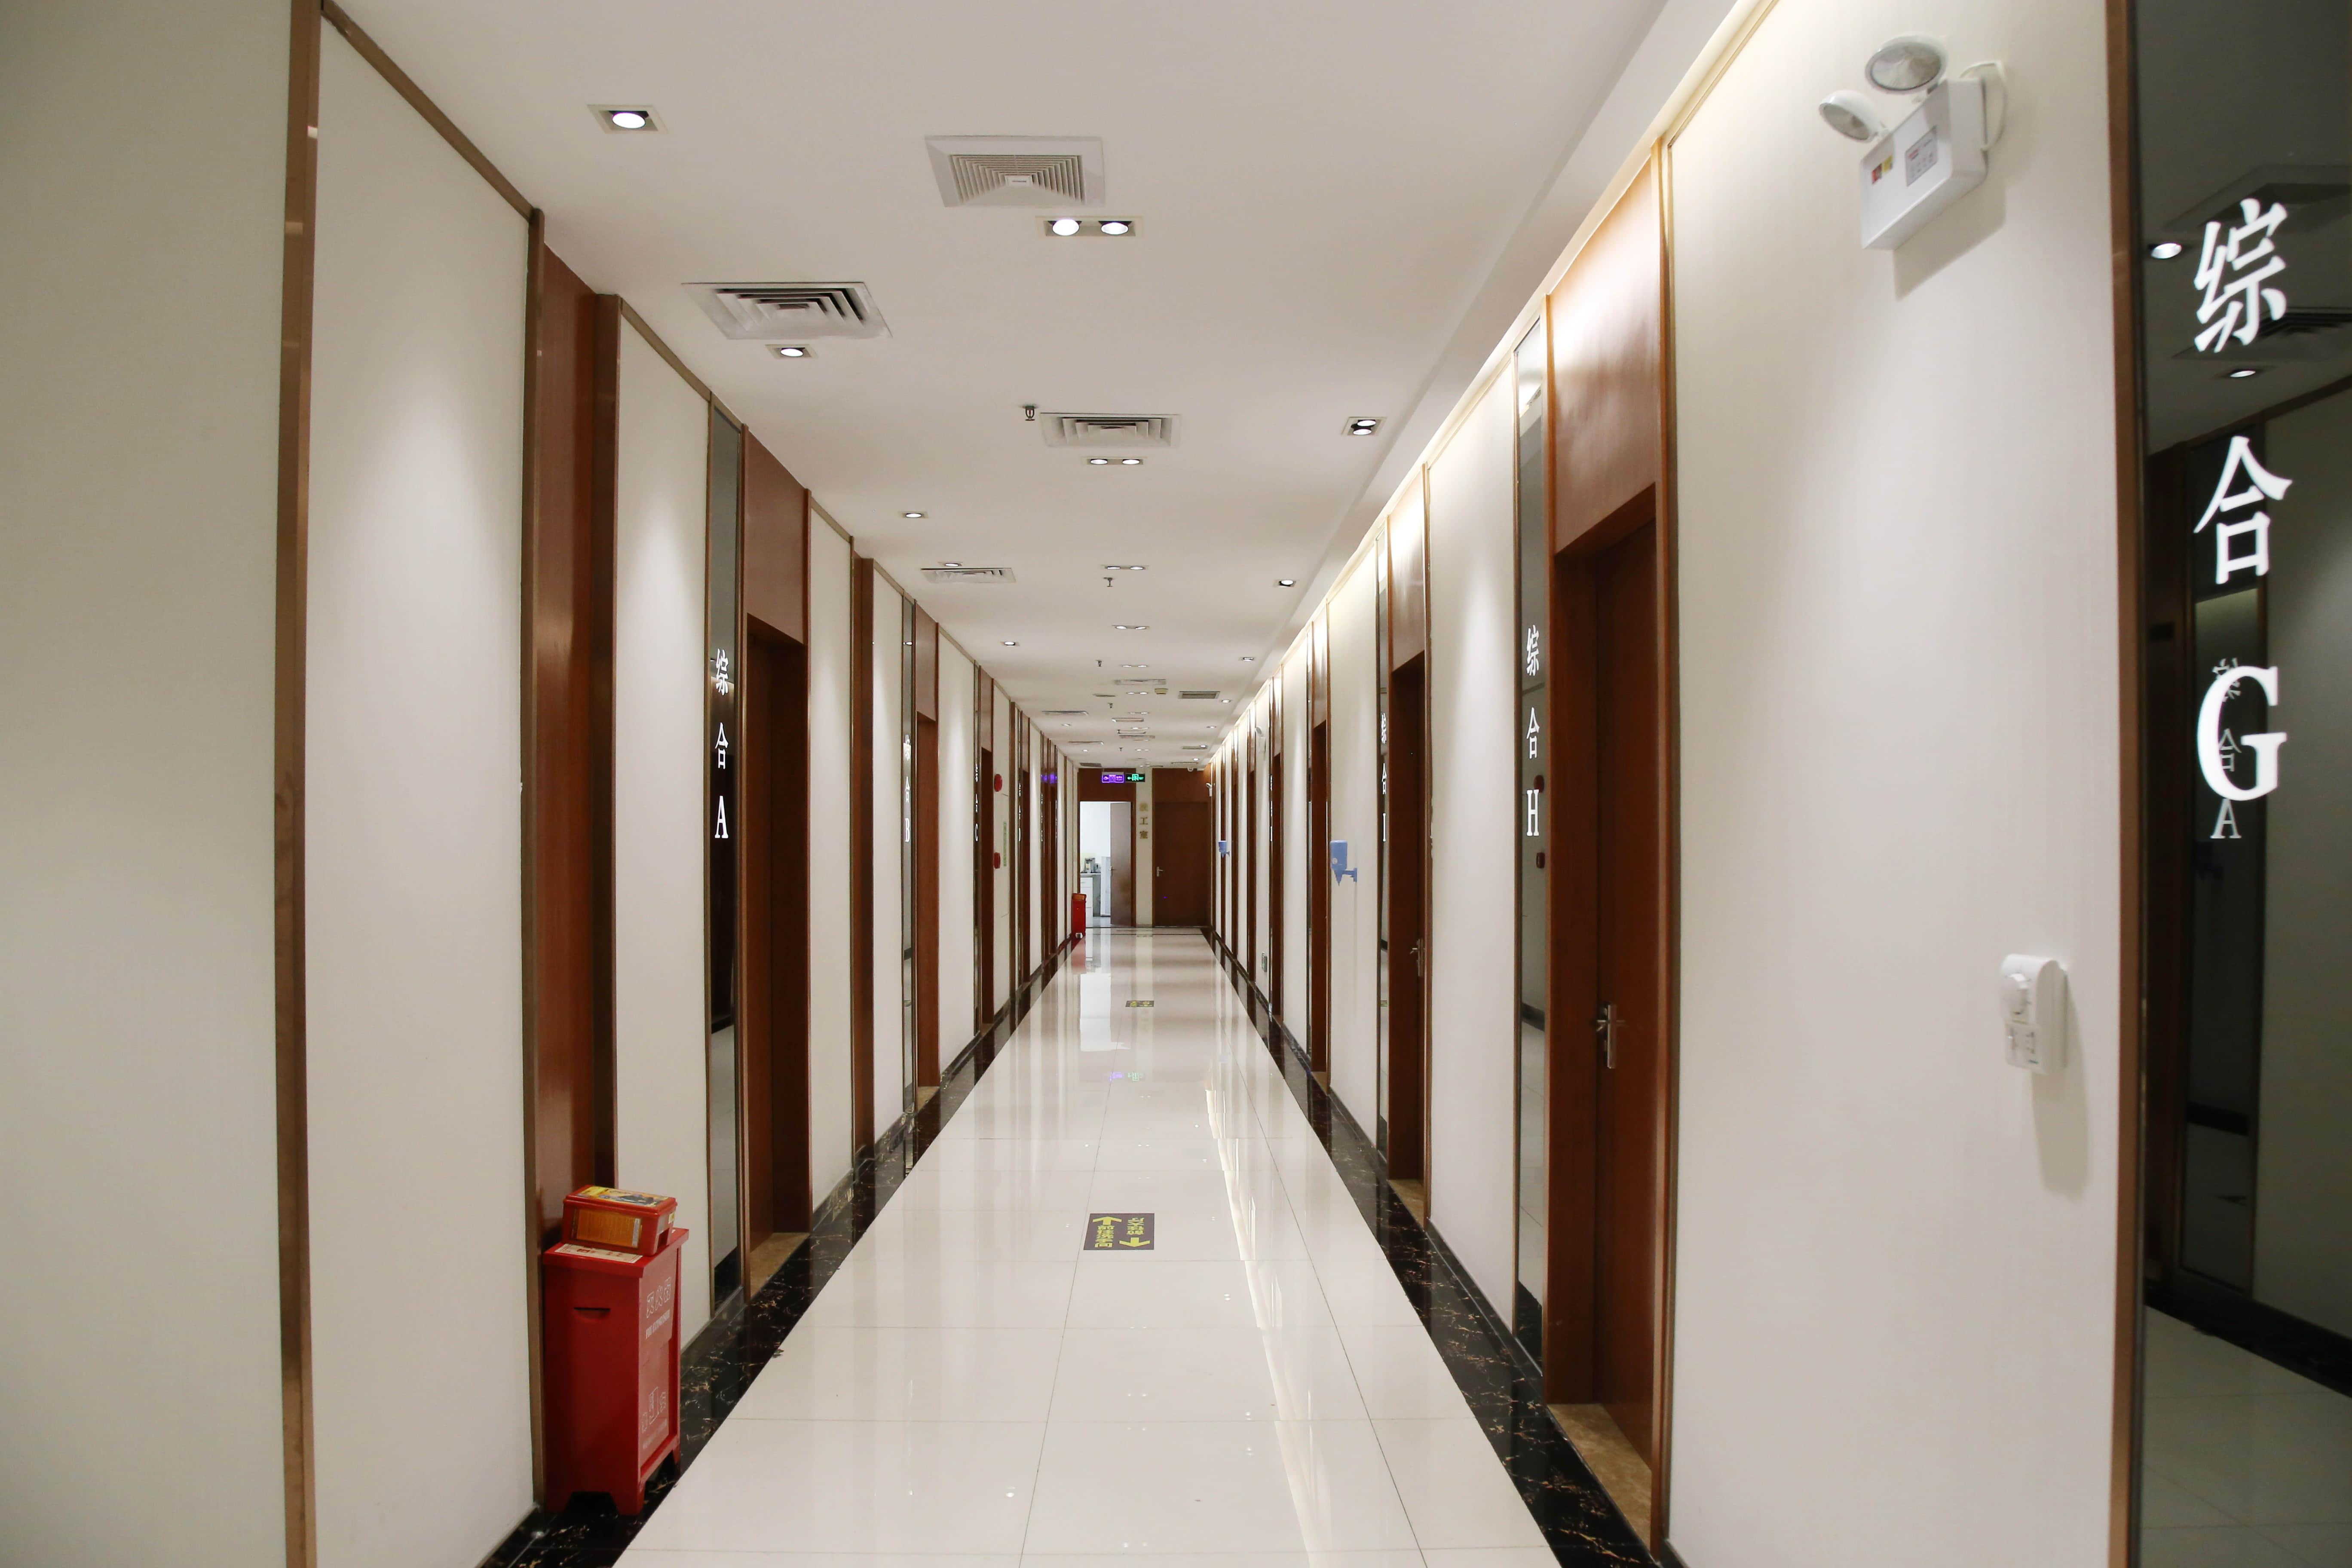 爱康健口腔医院5楼走廊